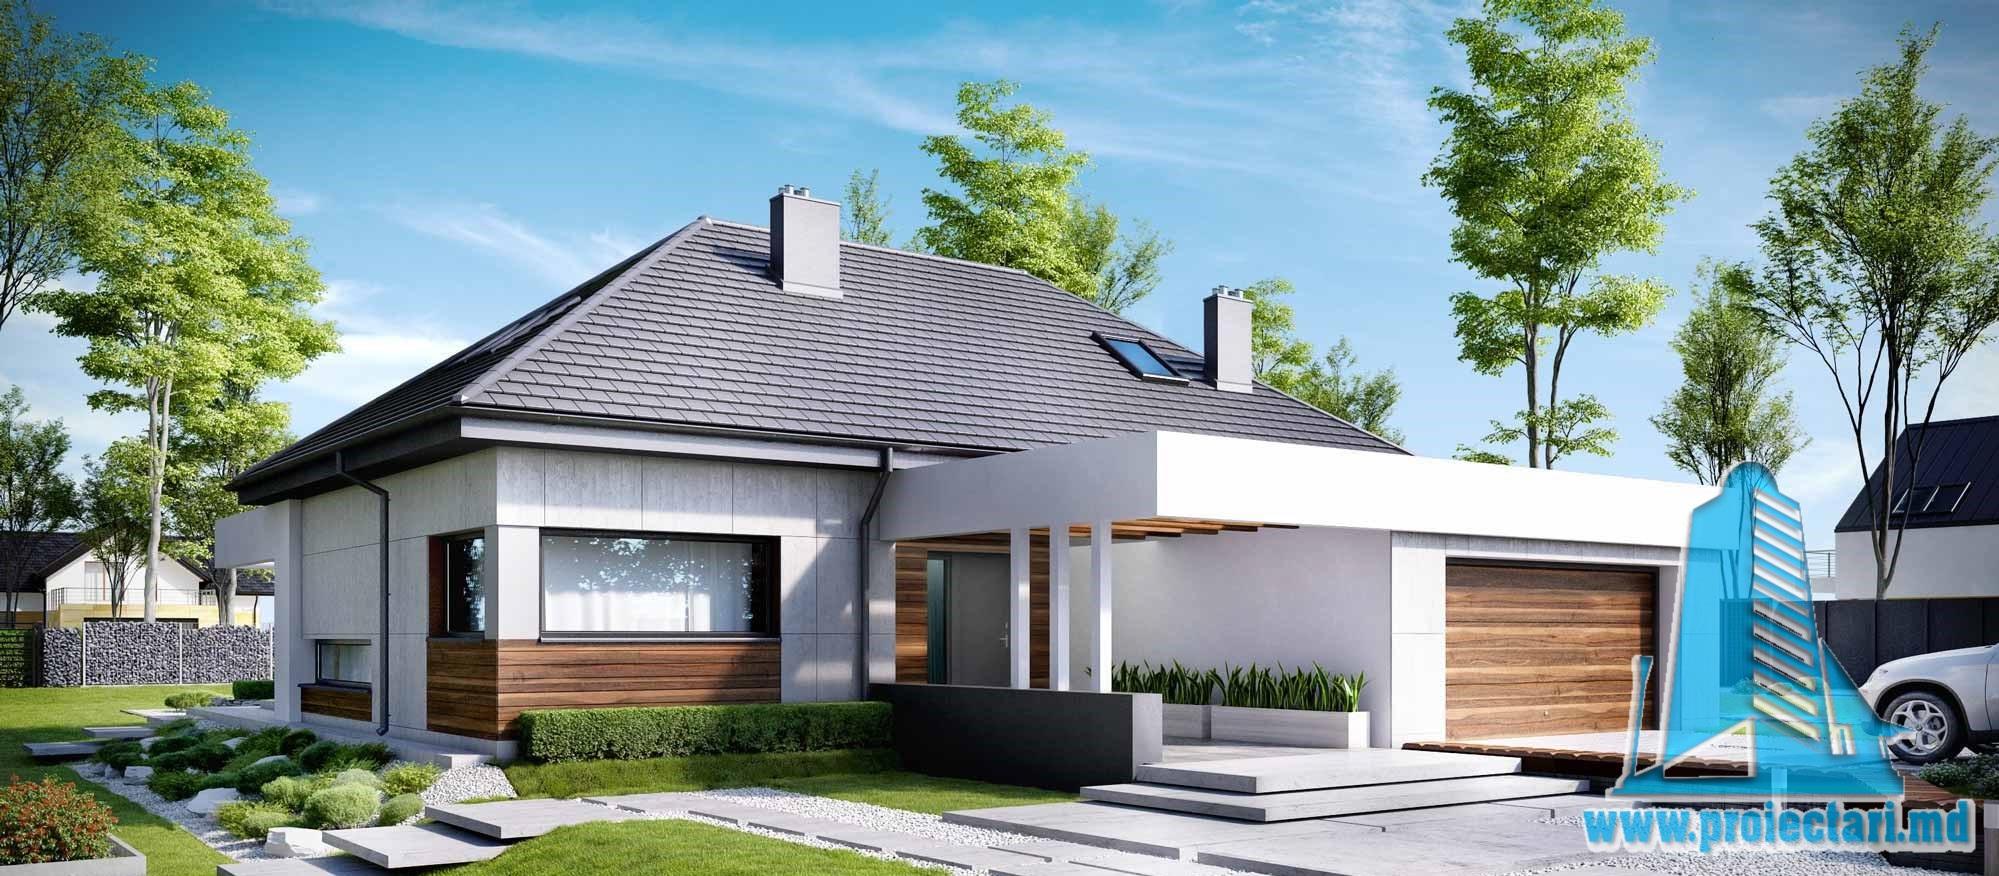 Casa cu parter, mansarda si garaj pentru doua automobile-409 m2- 101020